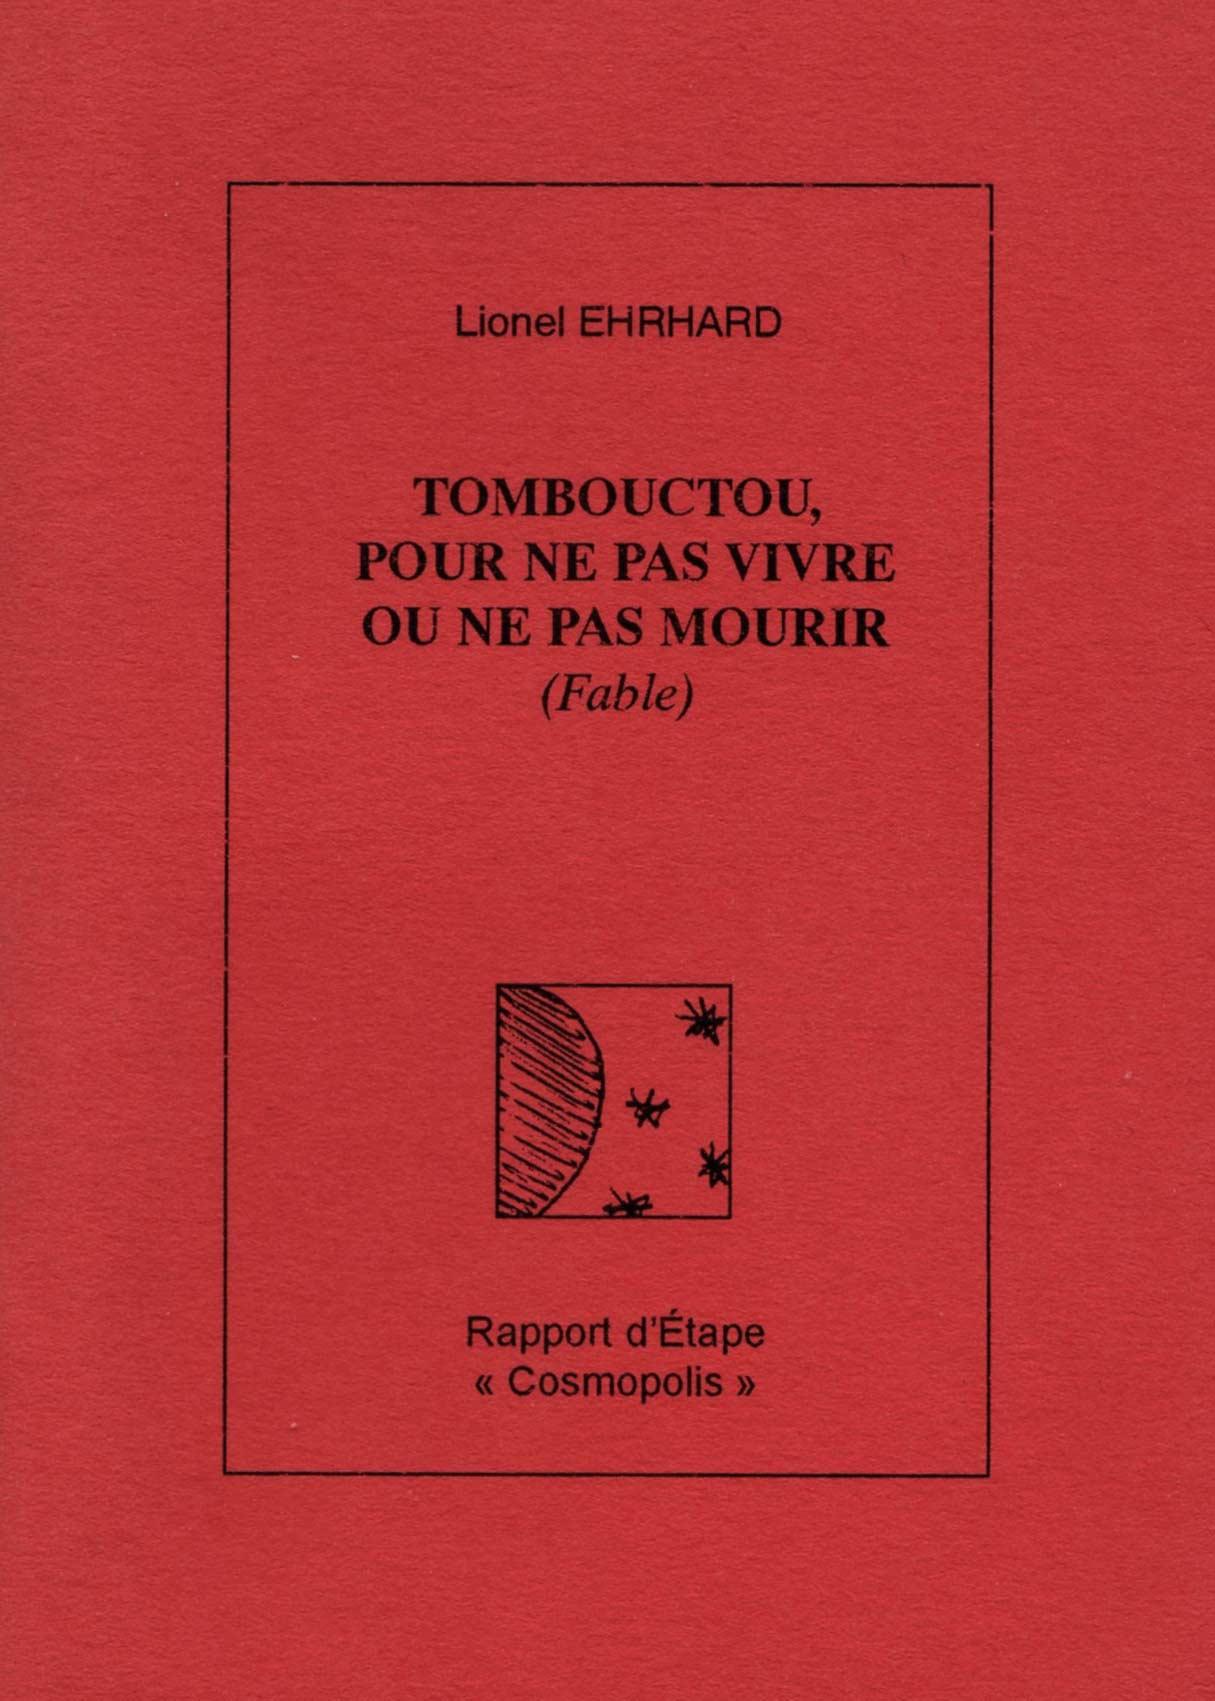 Lionel Ehrhard, Tombouctou, Rapport d'Étape, édition limitée à 100 exemplaires,  2004